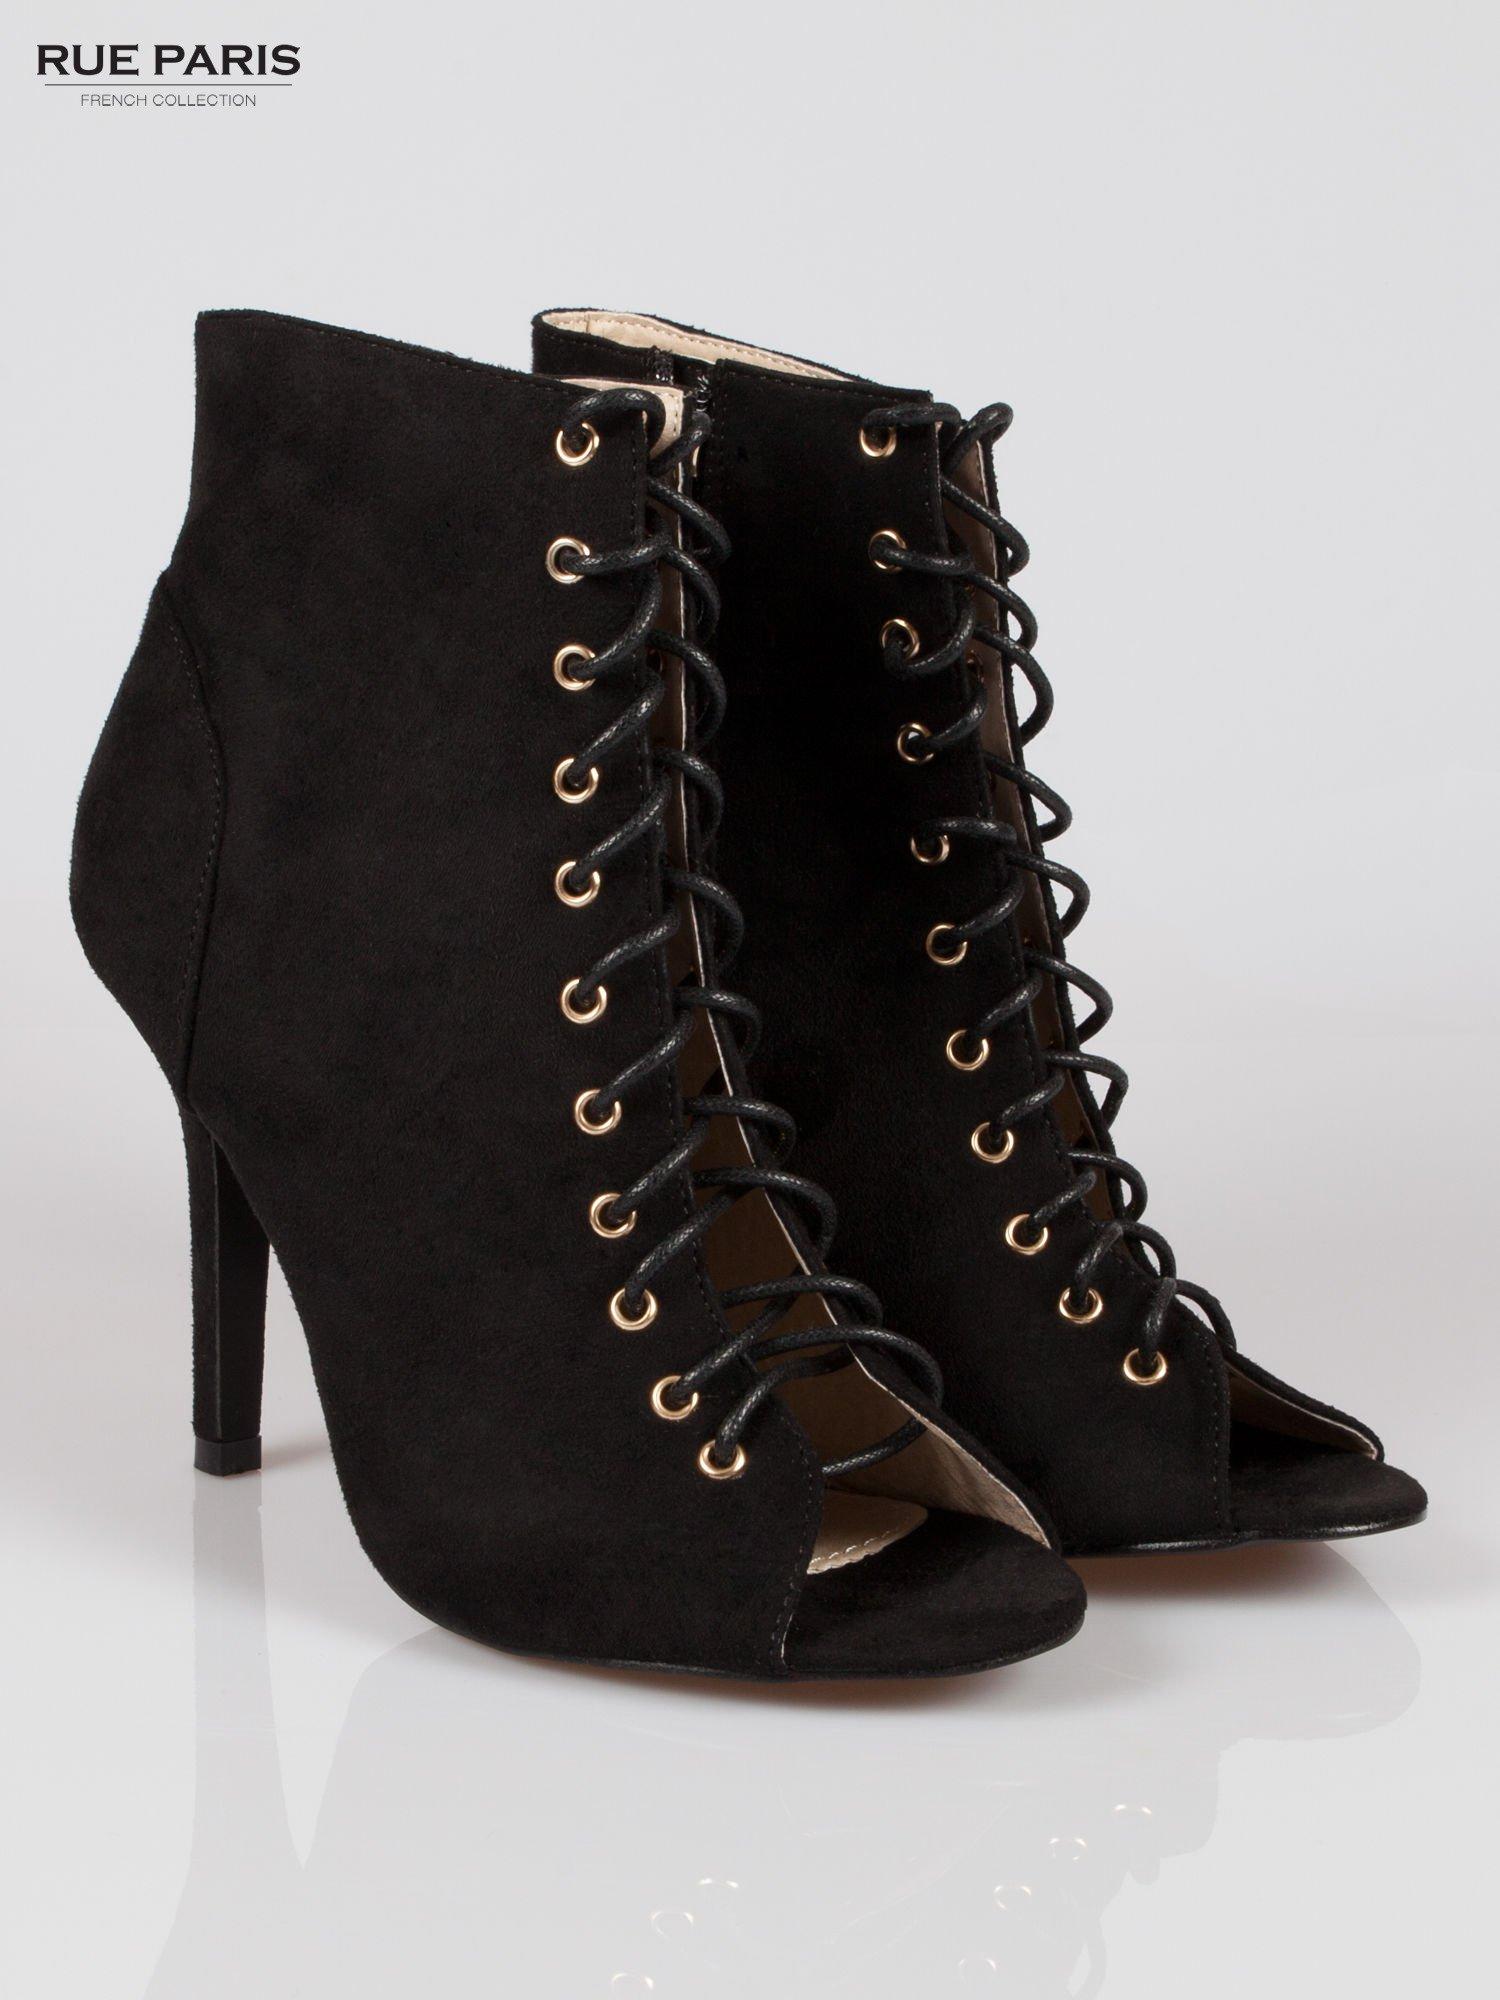 57720292ed14d7 Czarne zamszowe sznurowane botki lace up - Buty Botki średnie ...